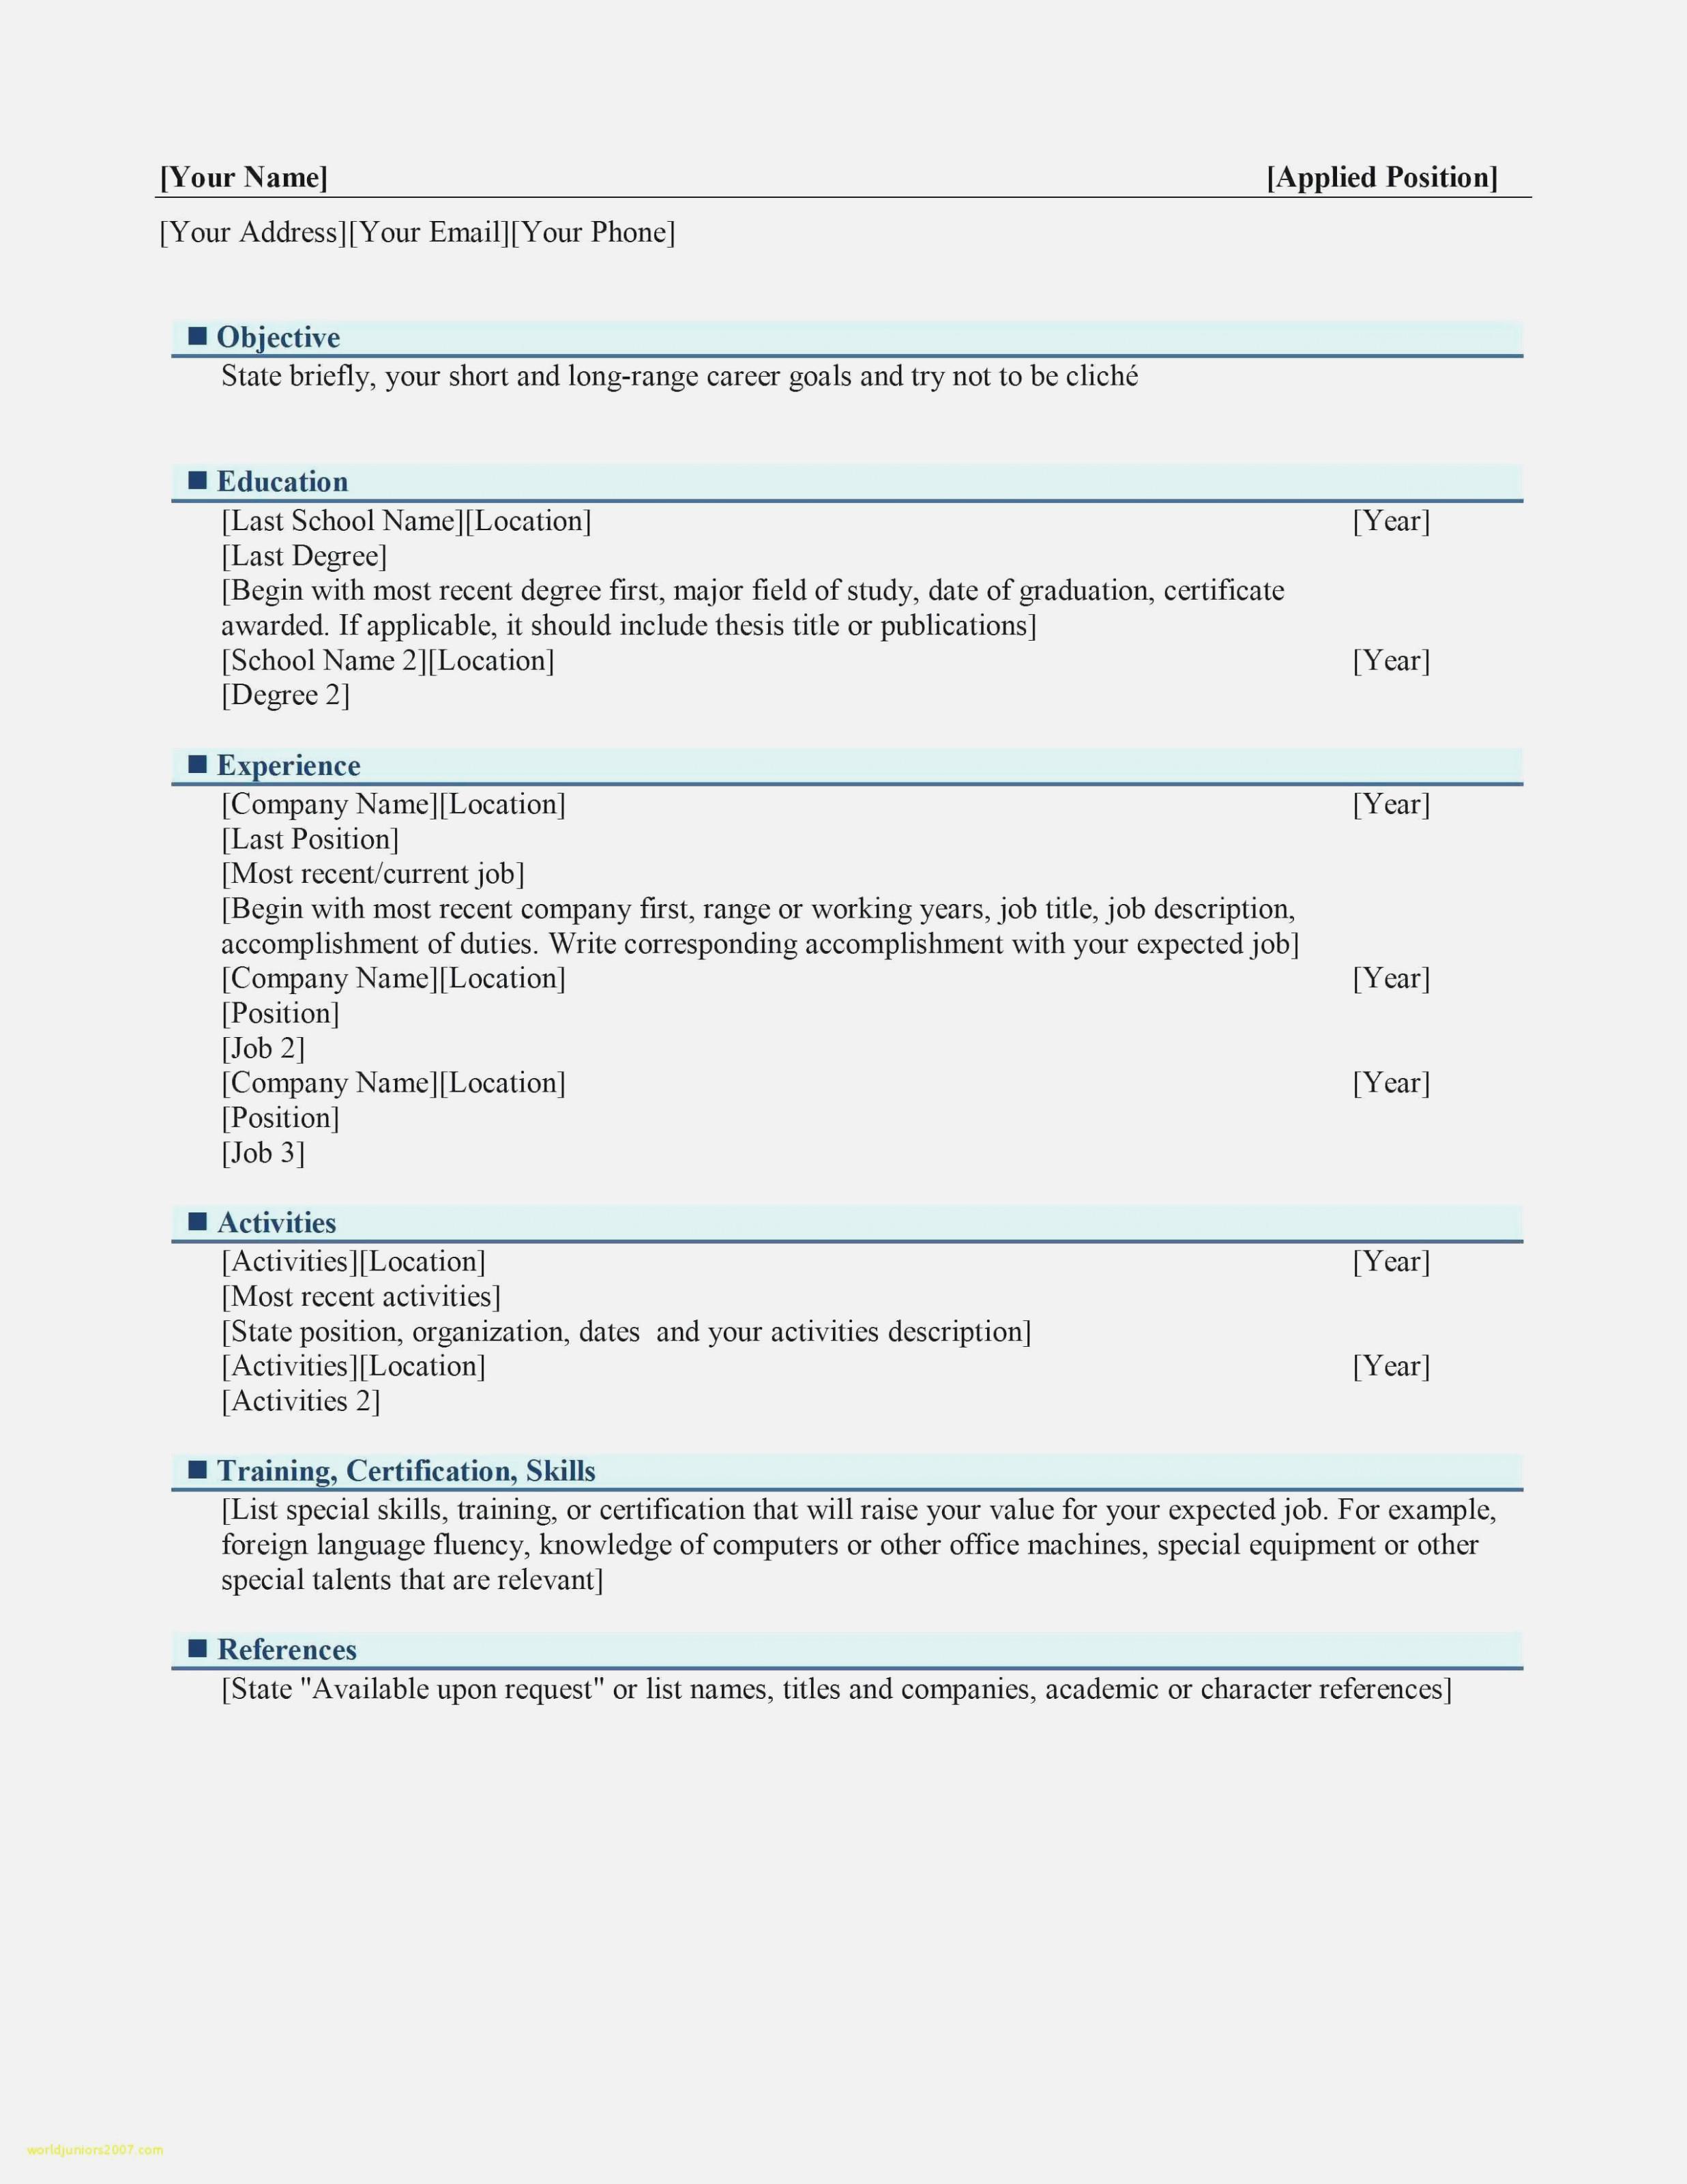 Schedule K 1 Form 15 Nttc Training